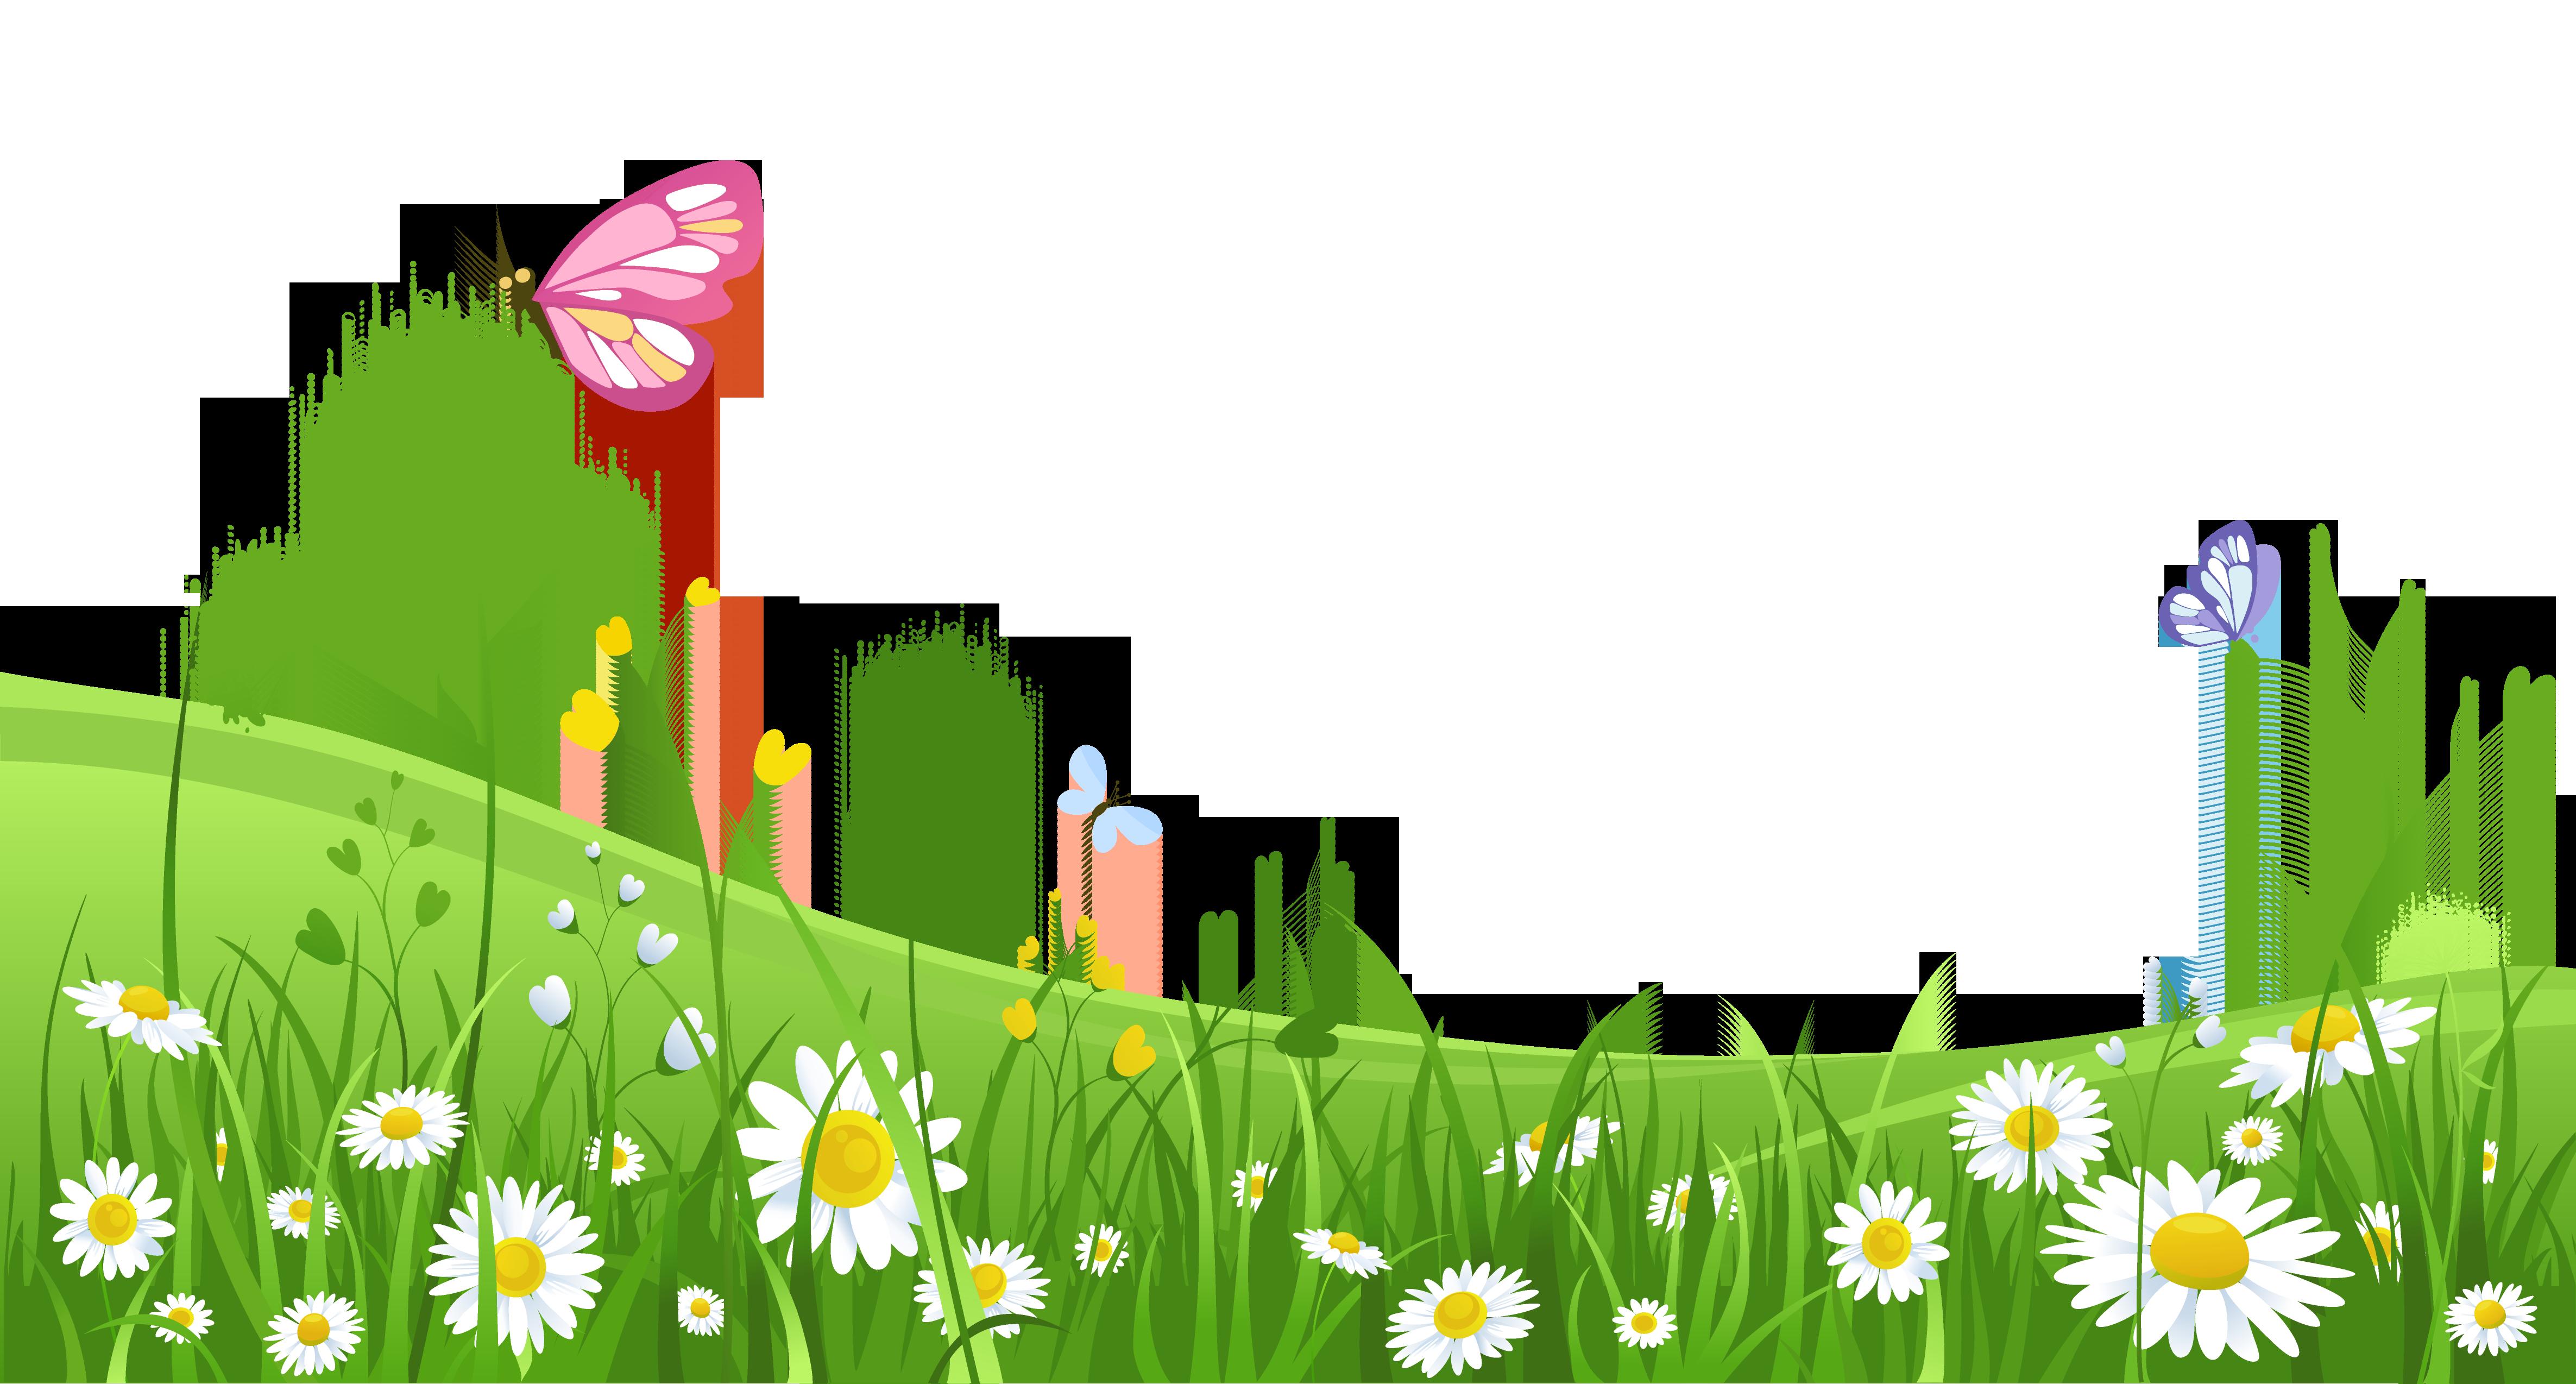 Garden clipart flower garden  Background Clipart No 2